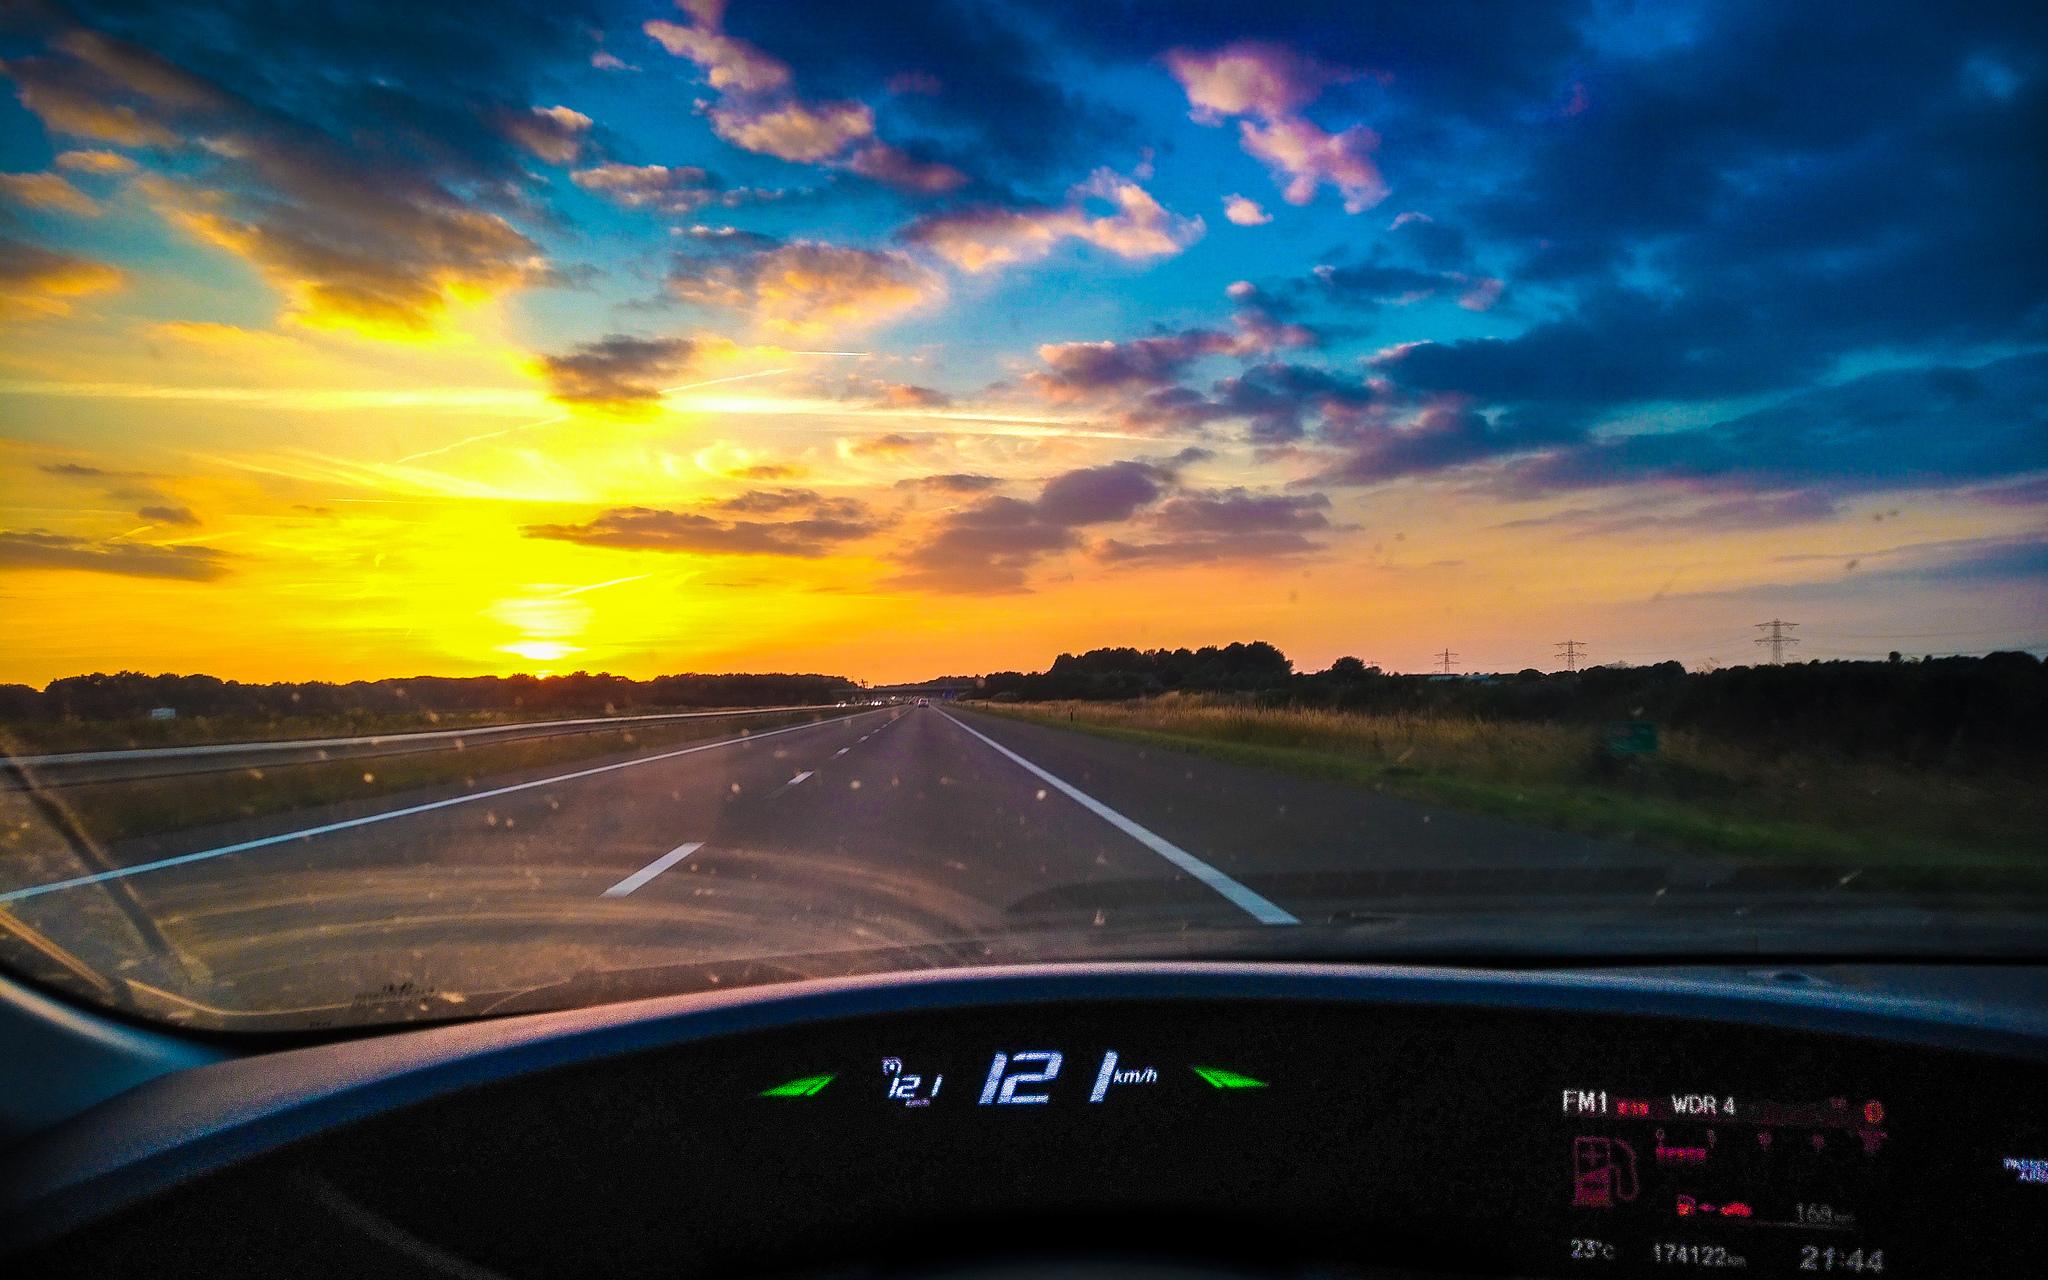 I wanna drive away